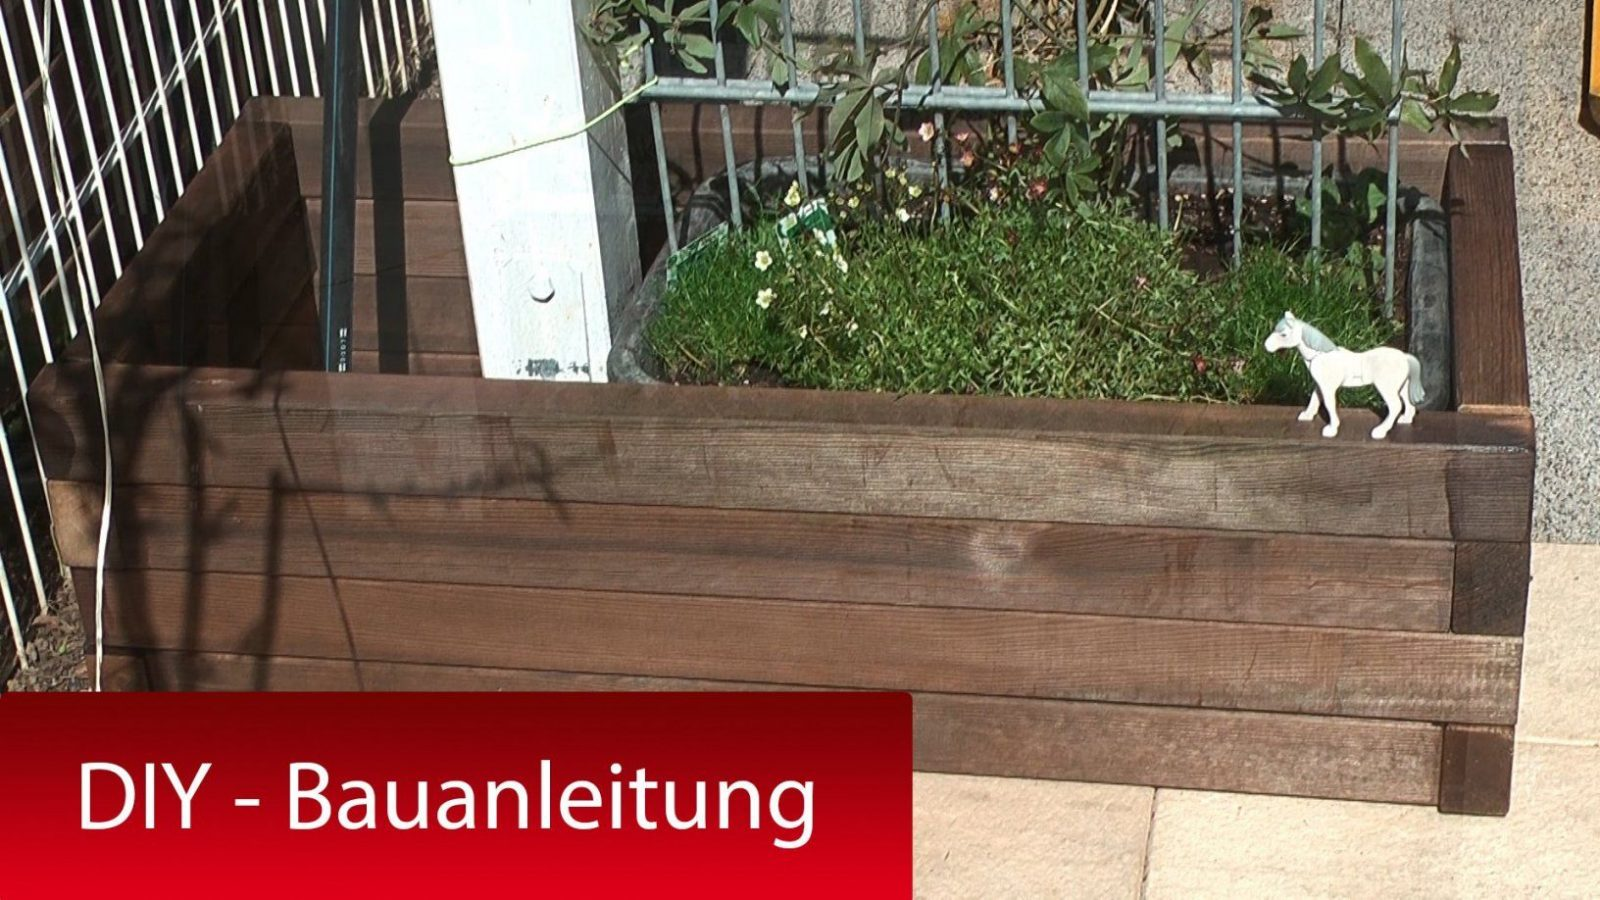 Pflanzkasten Pflanzkübel Mit Rankhilfe Selber Bauen  Diy Tutorial von Pflanzkübel Aus Holz Selber Bauen Bild